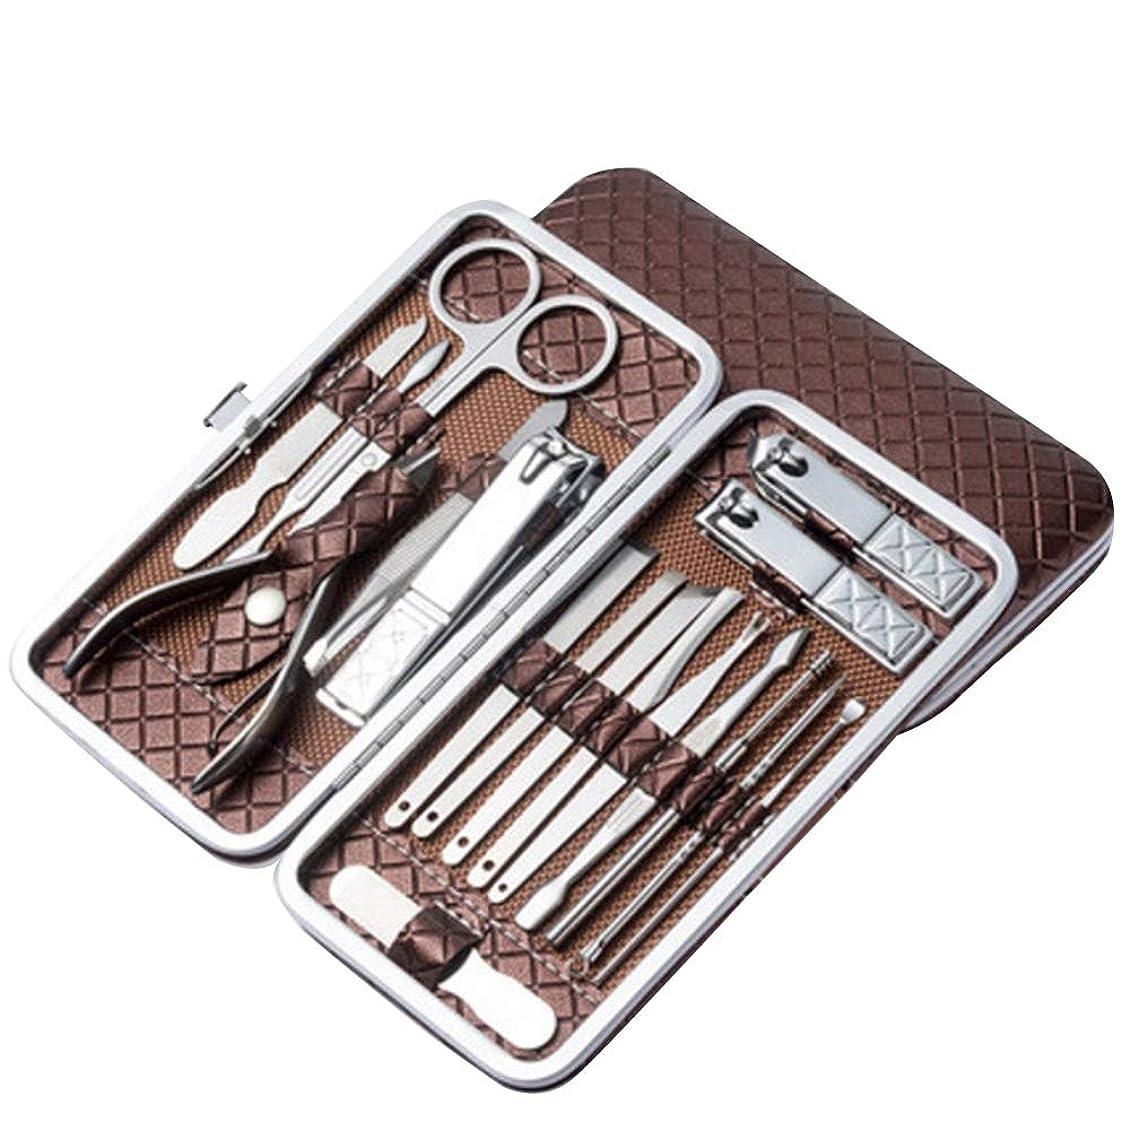 狂信者ドリンクレーザBOZEVON ネイルケア18点セット-多機能ステンレス製爪切りセットグルーミングキット, ブラウン